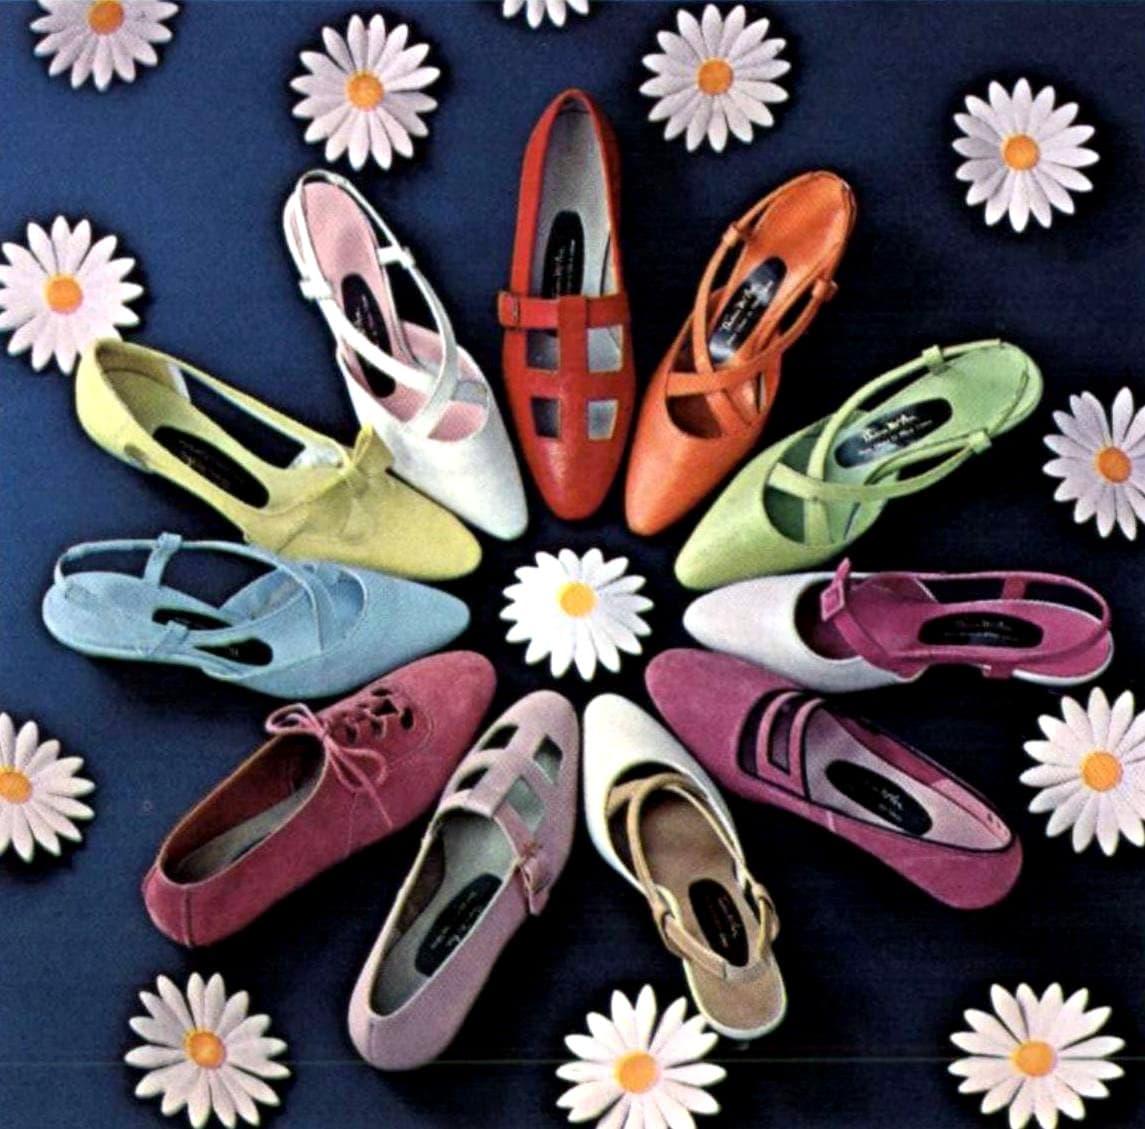 Women's shoe styles from 1966